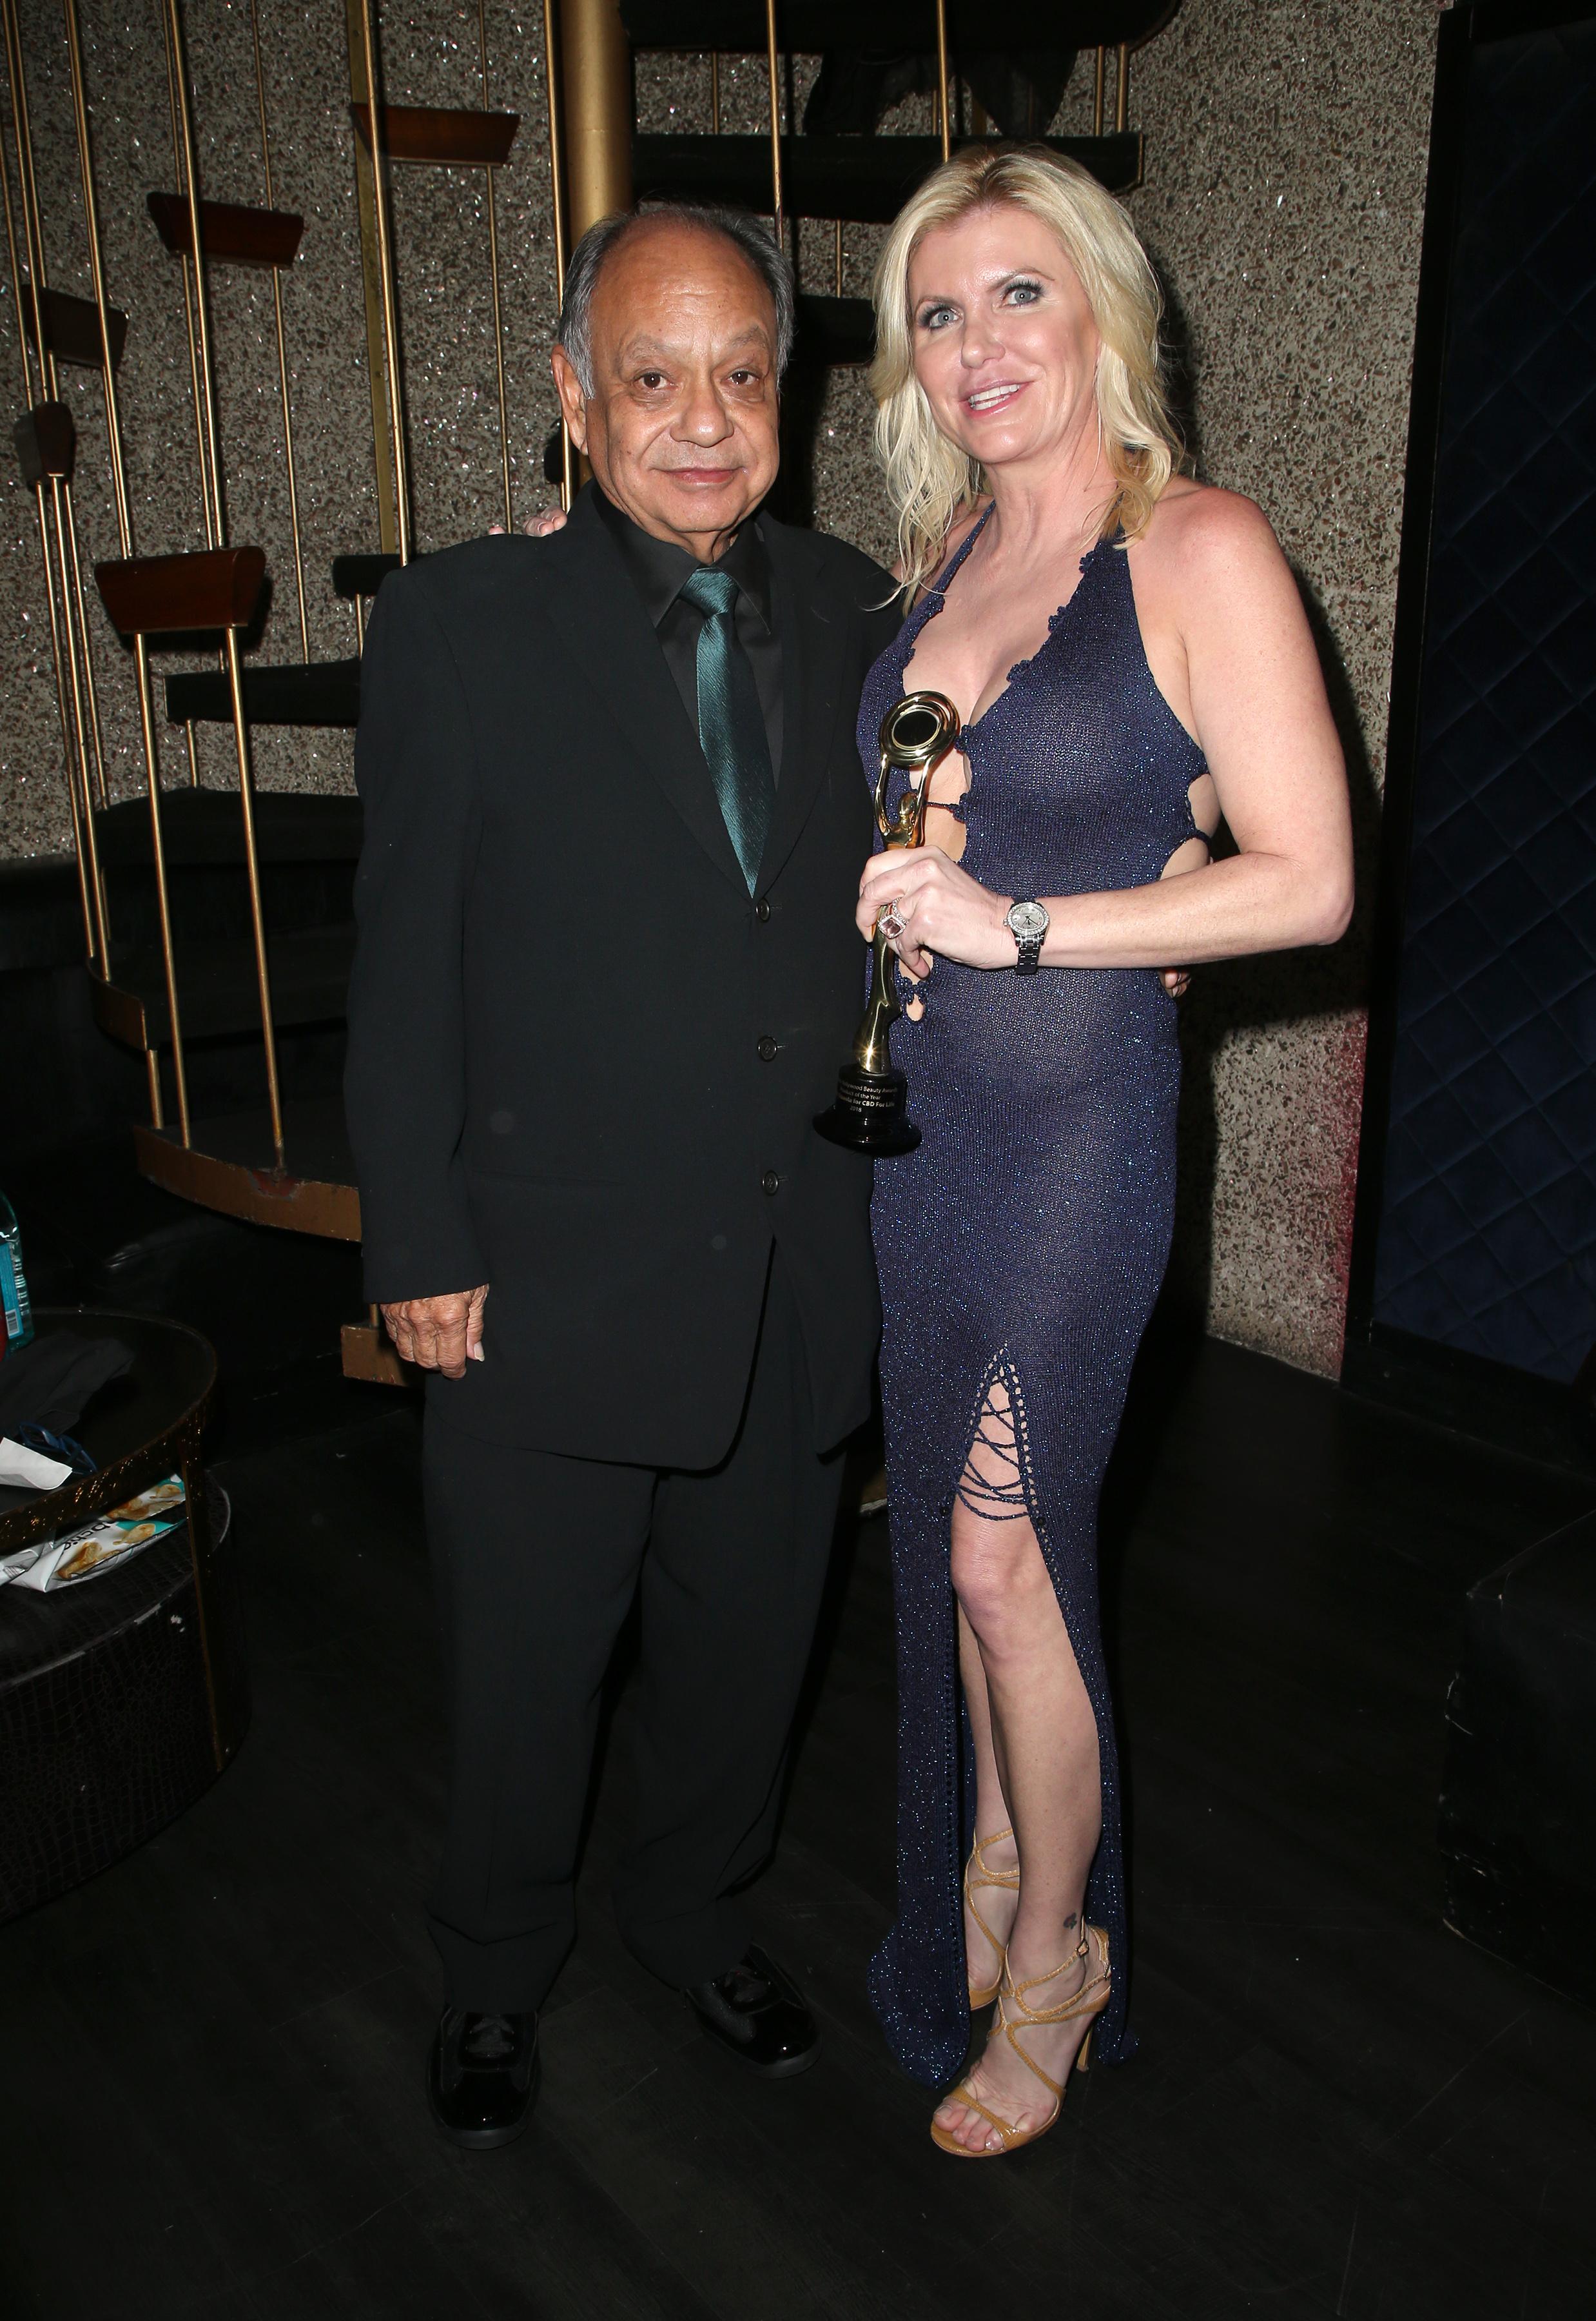 Cheech Marin and Beth Stavola | Feb 25, 2018, Hollywood Beauty Awards held at the Avalon